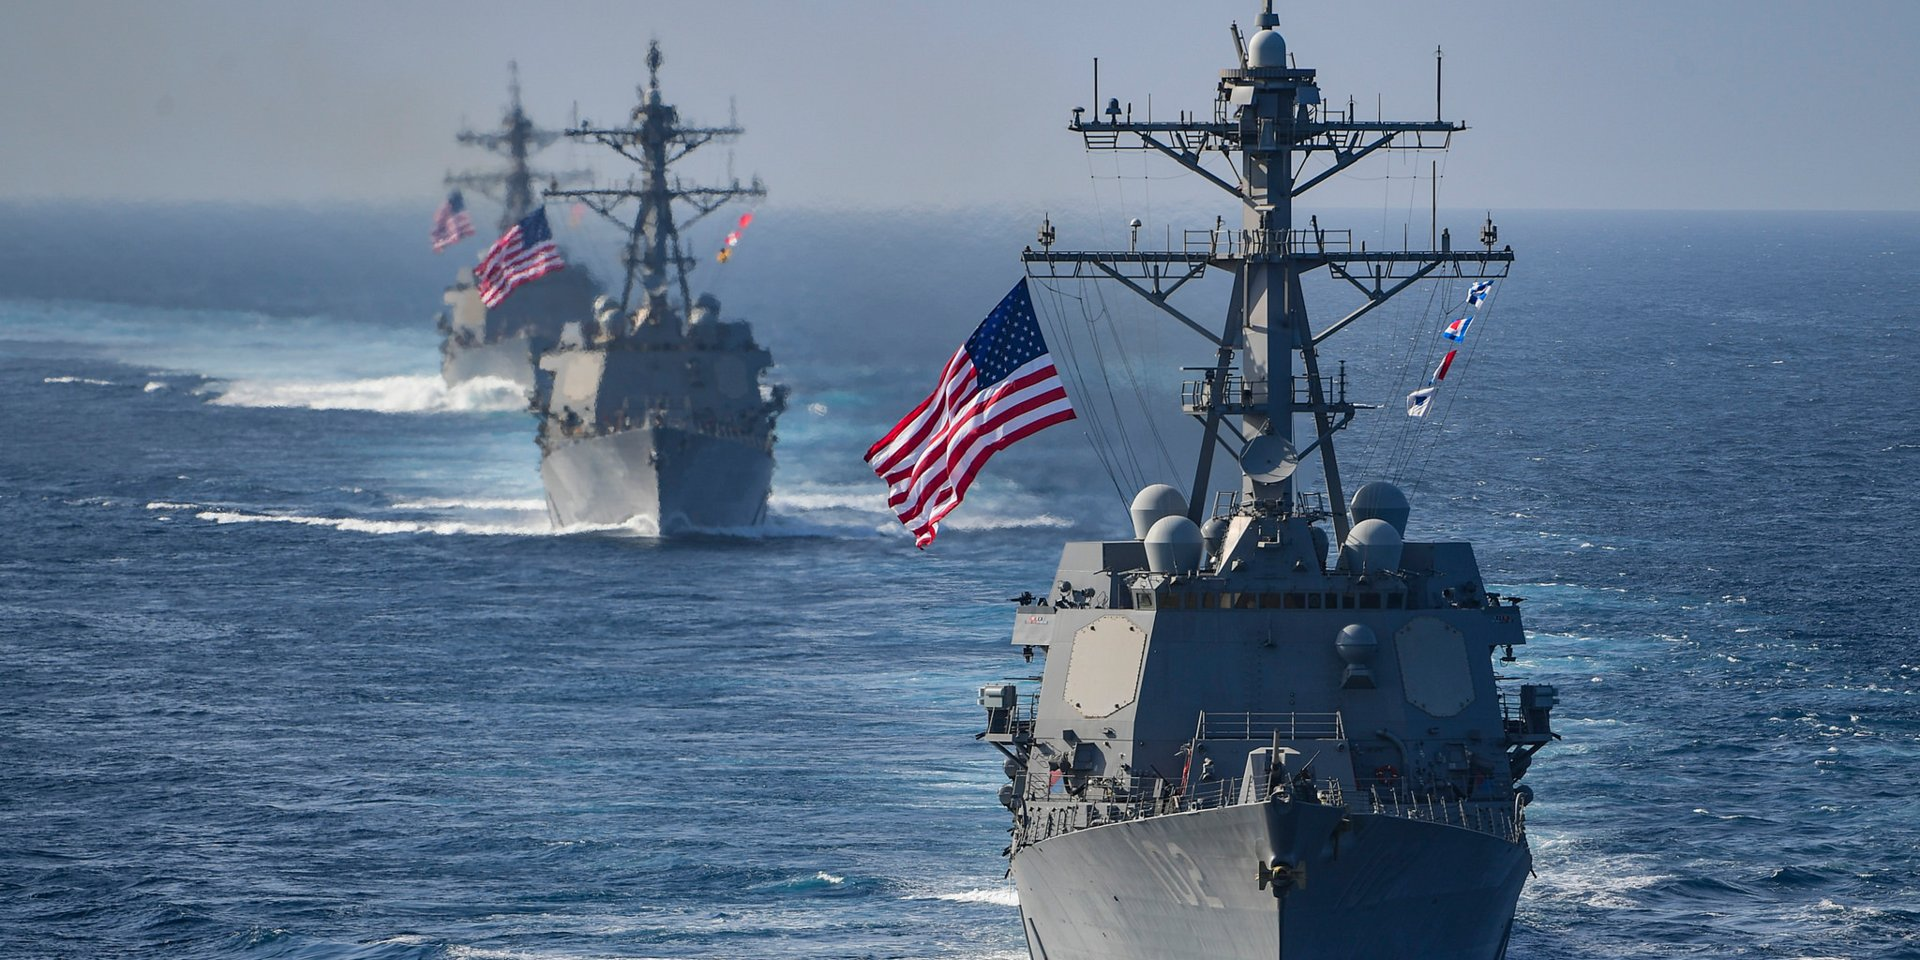 Zdjęcie przedstawiające statki pod amerykańską banderą na morzu południowochińskim